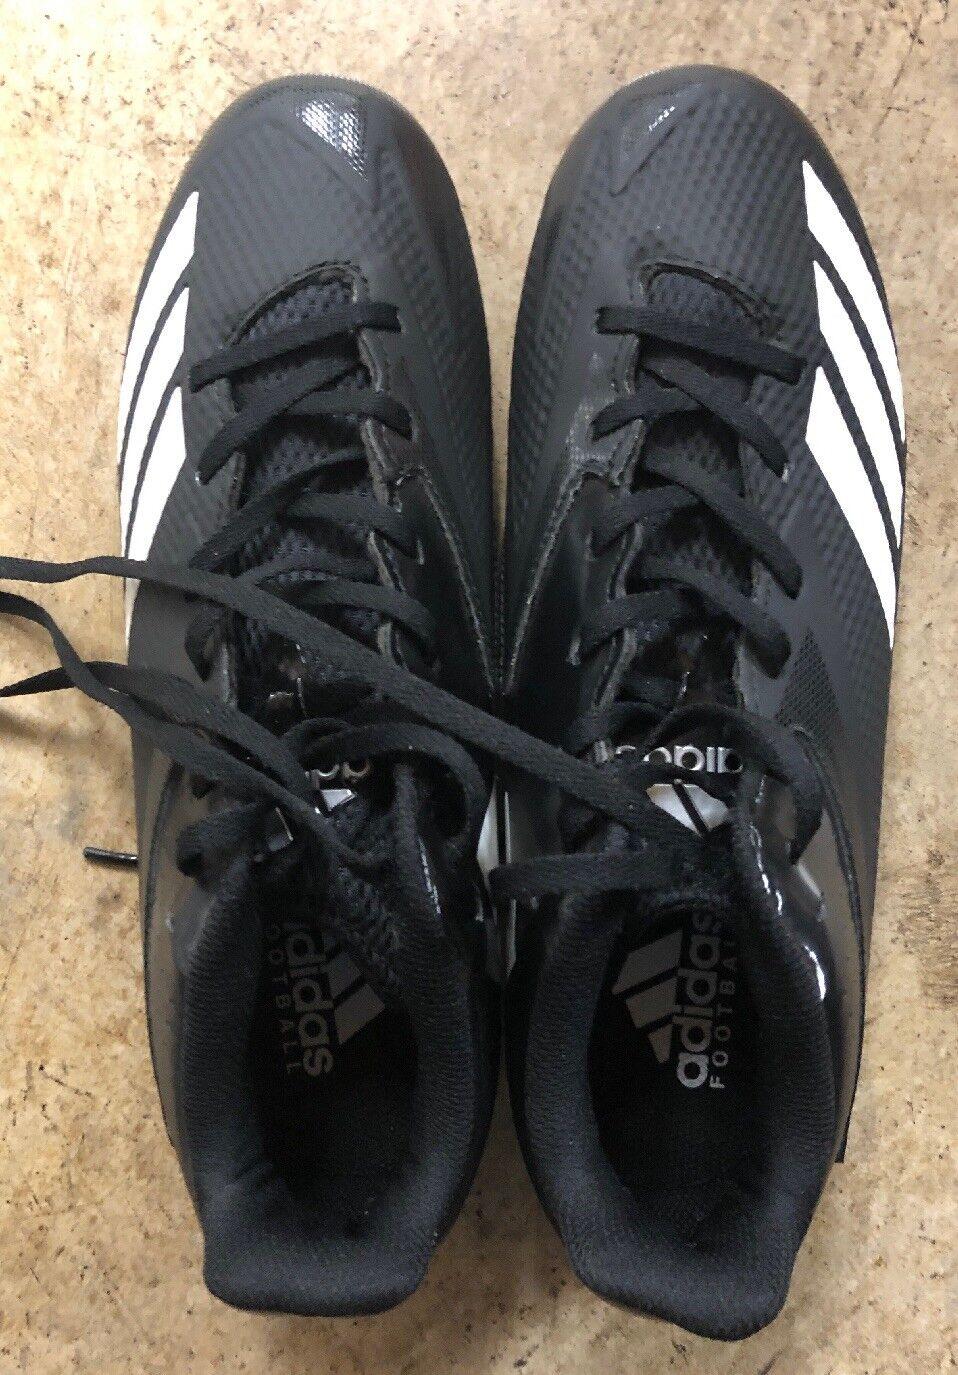 Nuove adidas mens nero football football football scarpe taglia 9 a 5 stelle | Ben Noto Per Le Sue Belle Qualità  eccffb